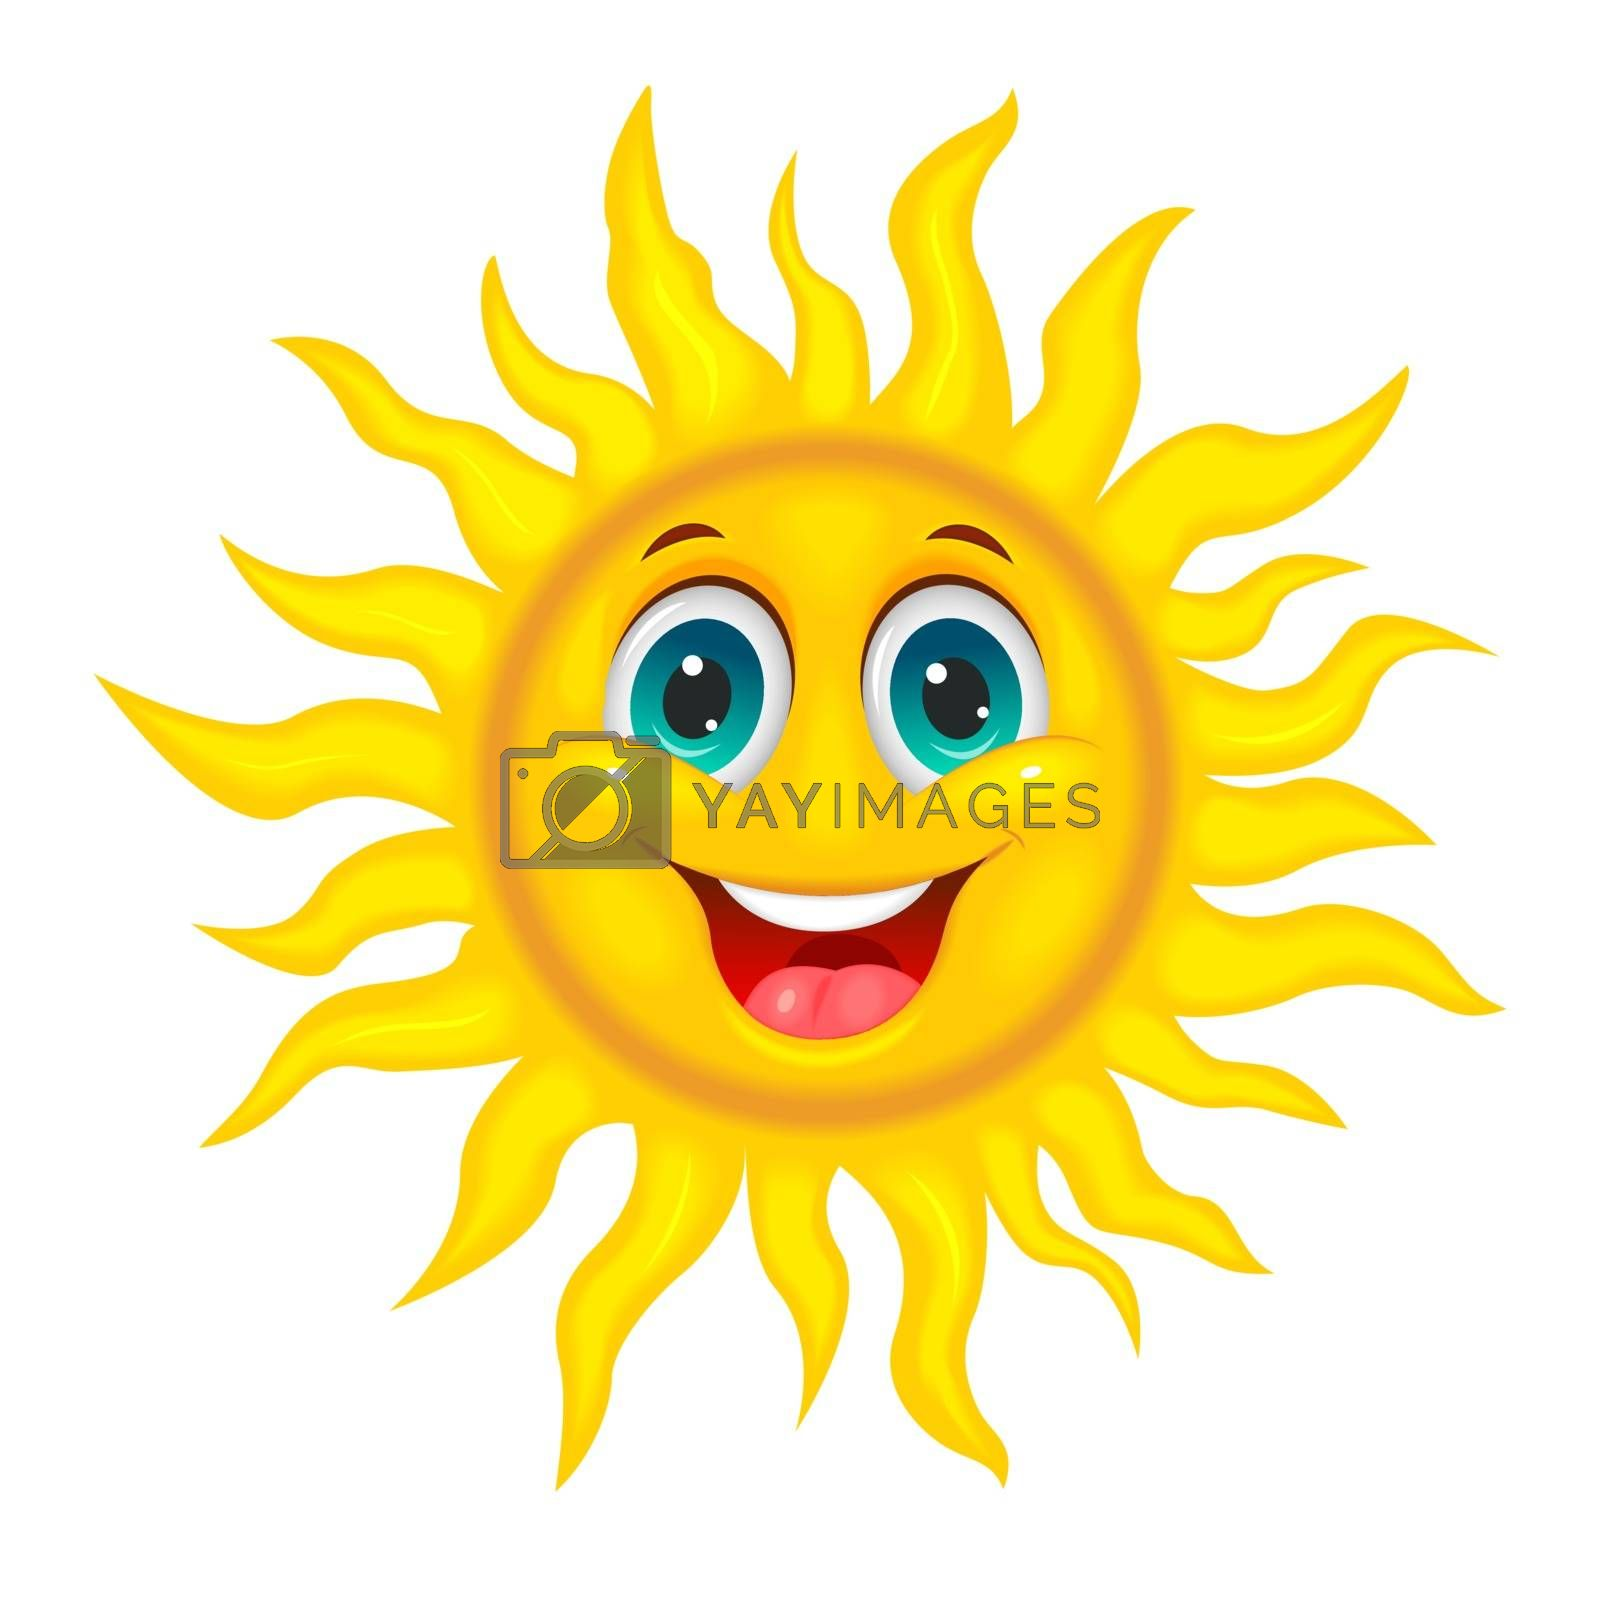 Smiley joyful sun by liolle